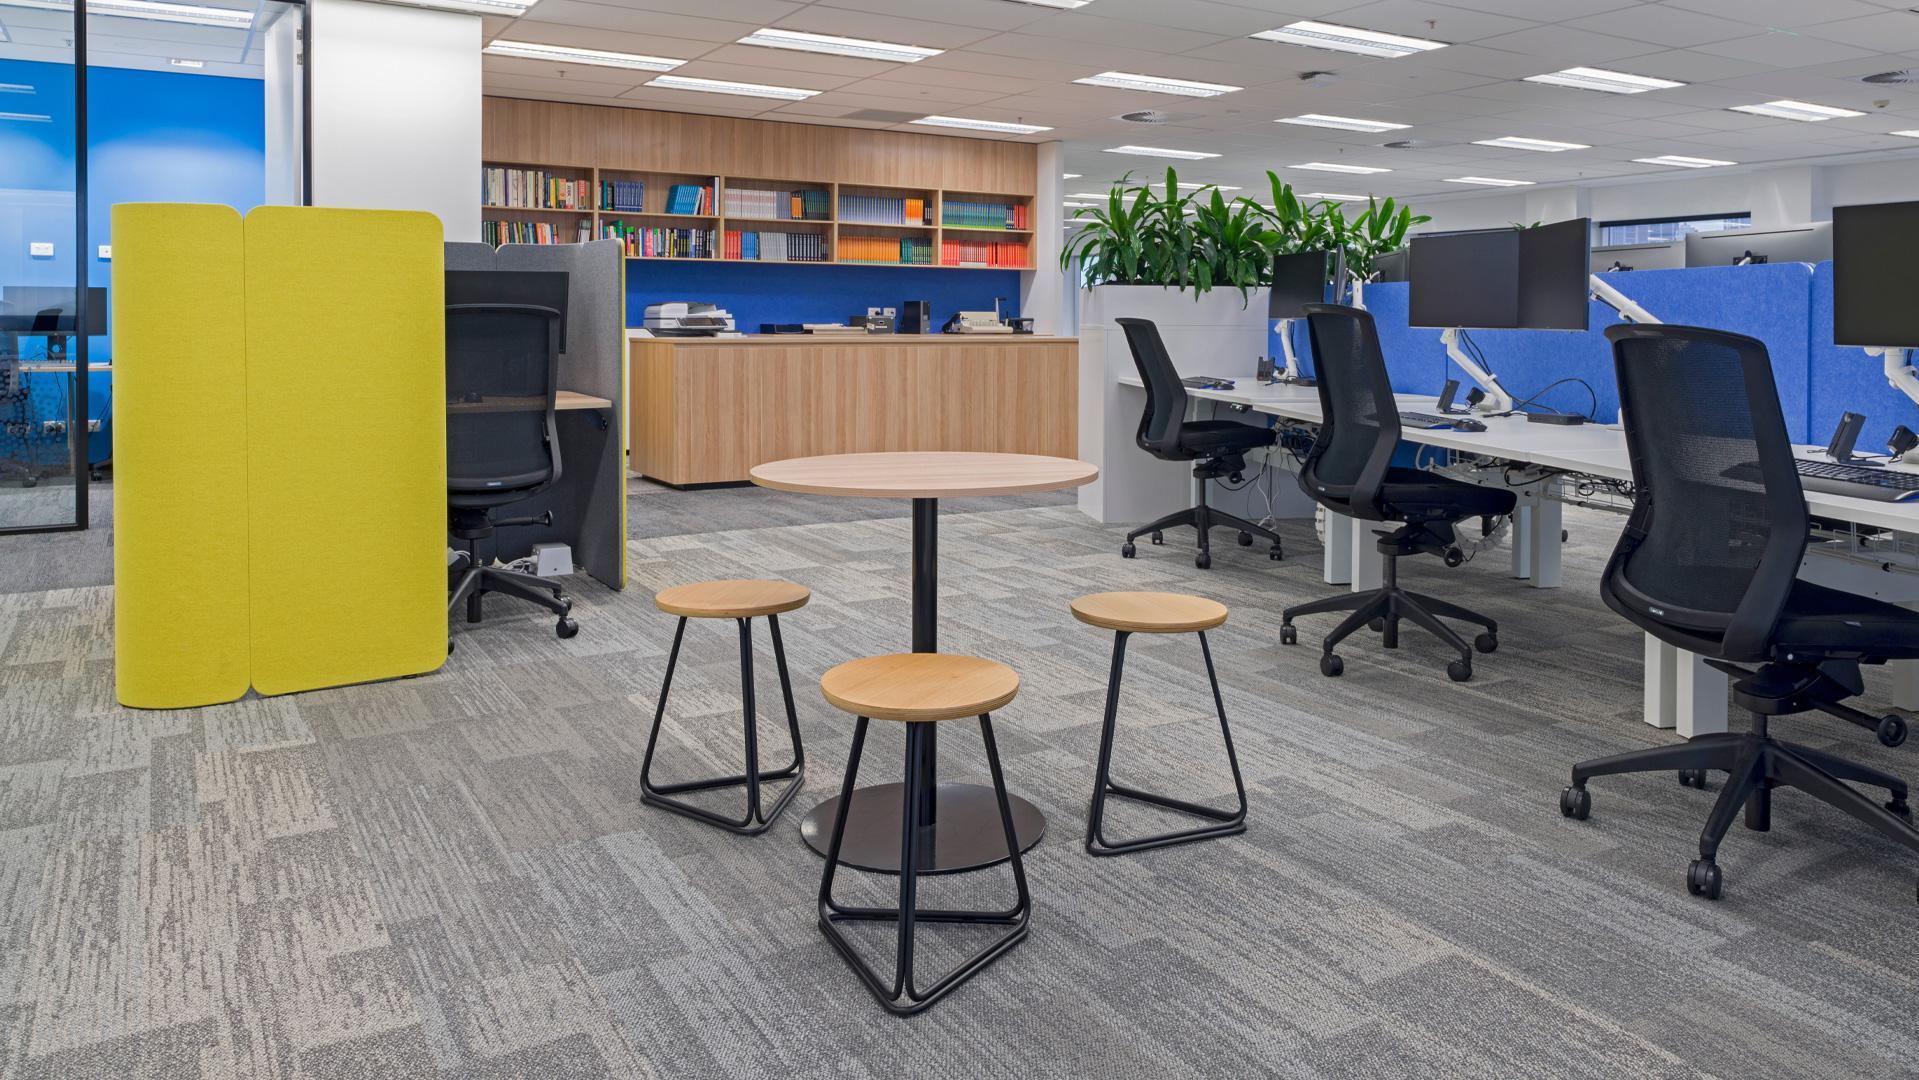 SAS Country Office Melbourne, Australia